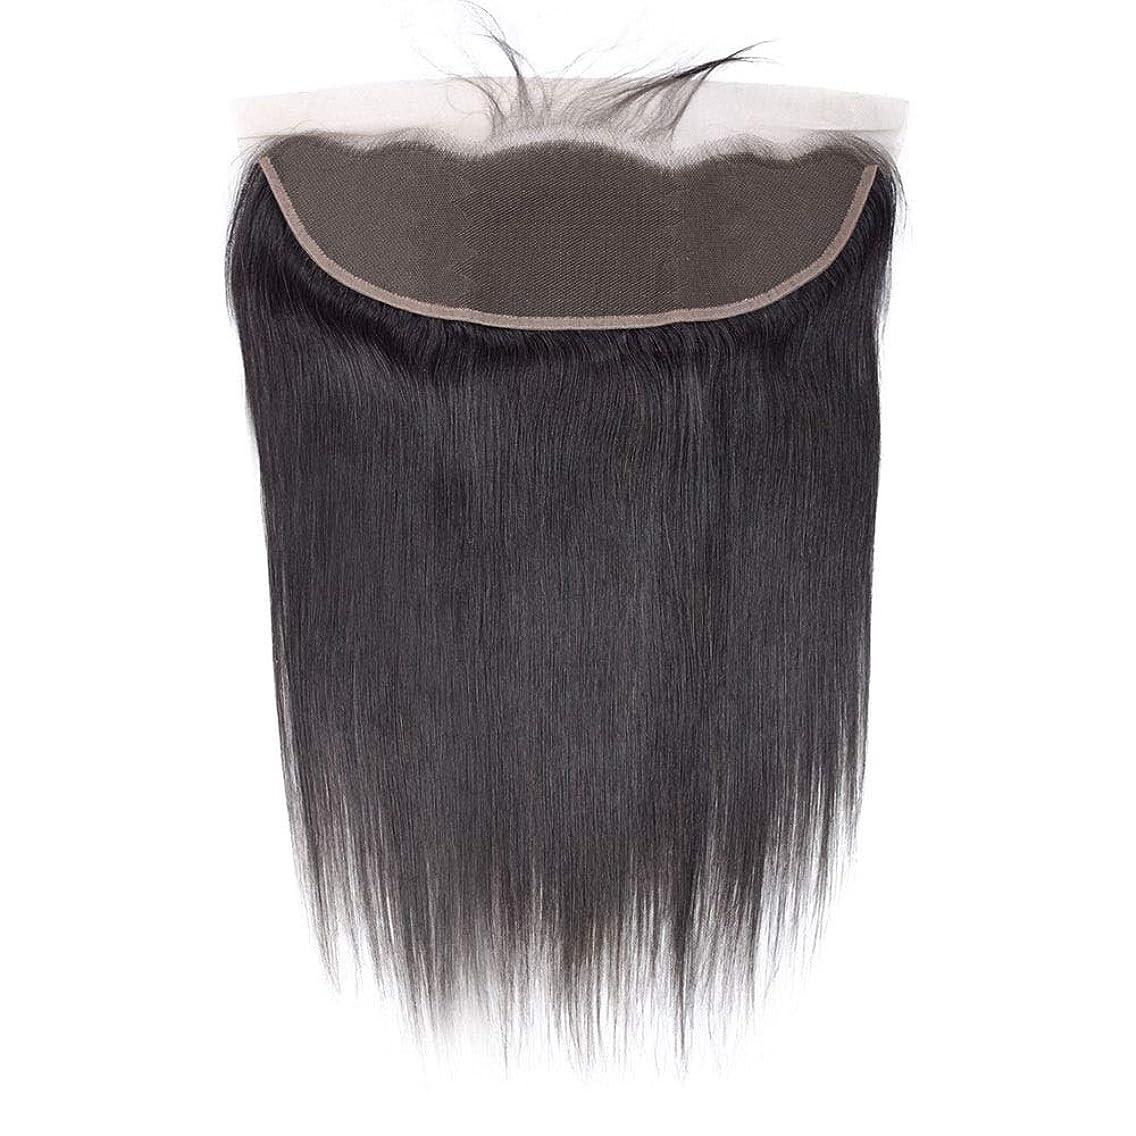 基礎理論花嫁すべてYrattary ブラジルバンドルストレート人間の髪織りエクステンション13X4フリーパーツレースクロージャーナチュラルカラーダブル横糸(8インチ-26インチ)女性用合成かつらレースかつらロールプレイングかつら (色 : 黒, サイズ : 10 inch)